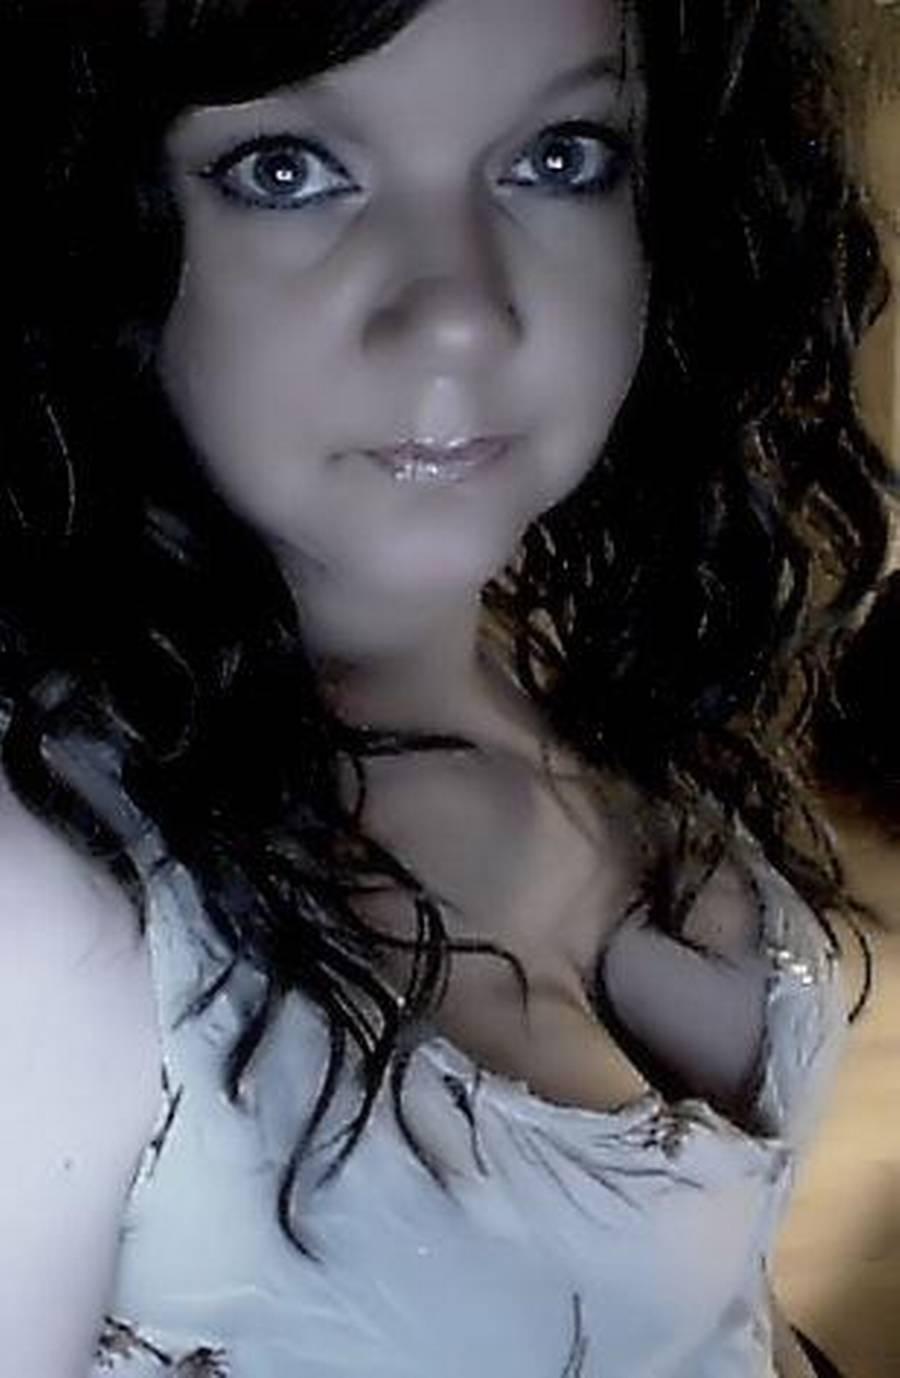 Sunny leone sex video free download